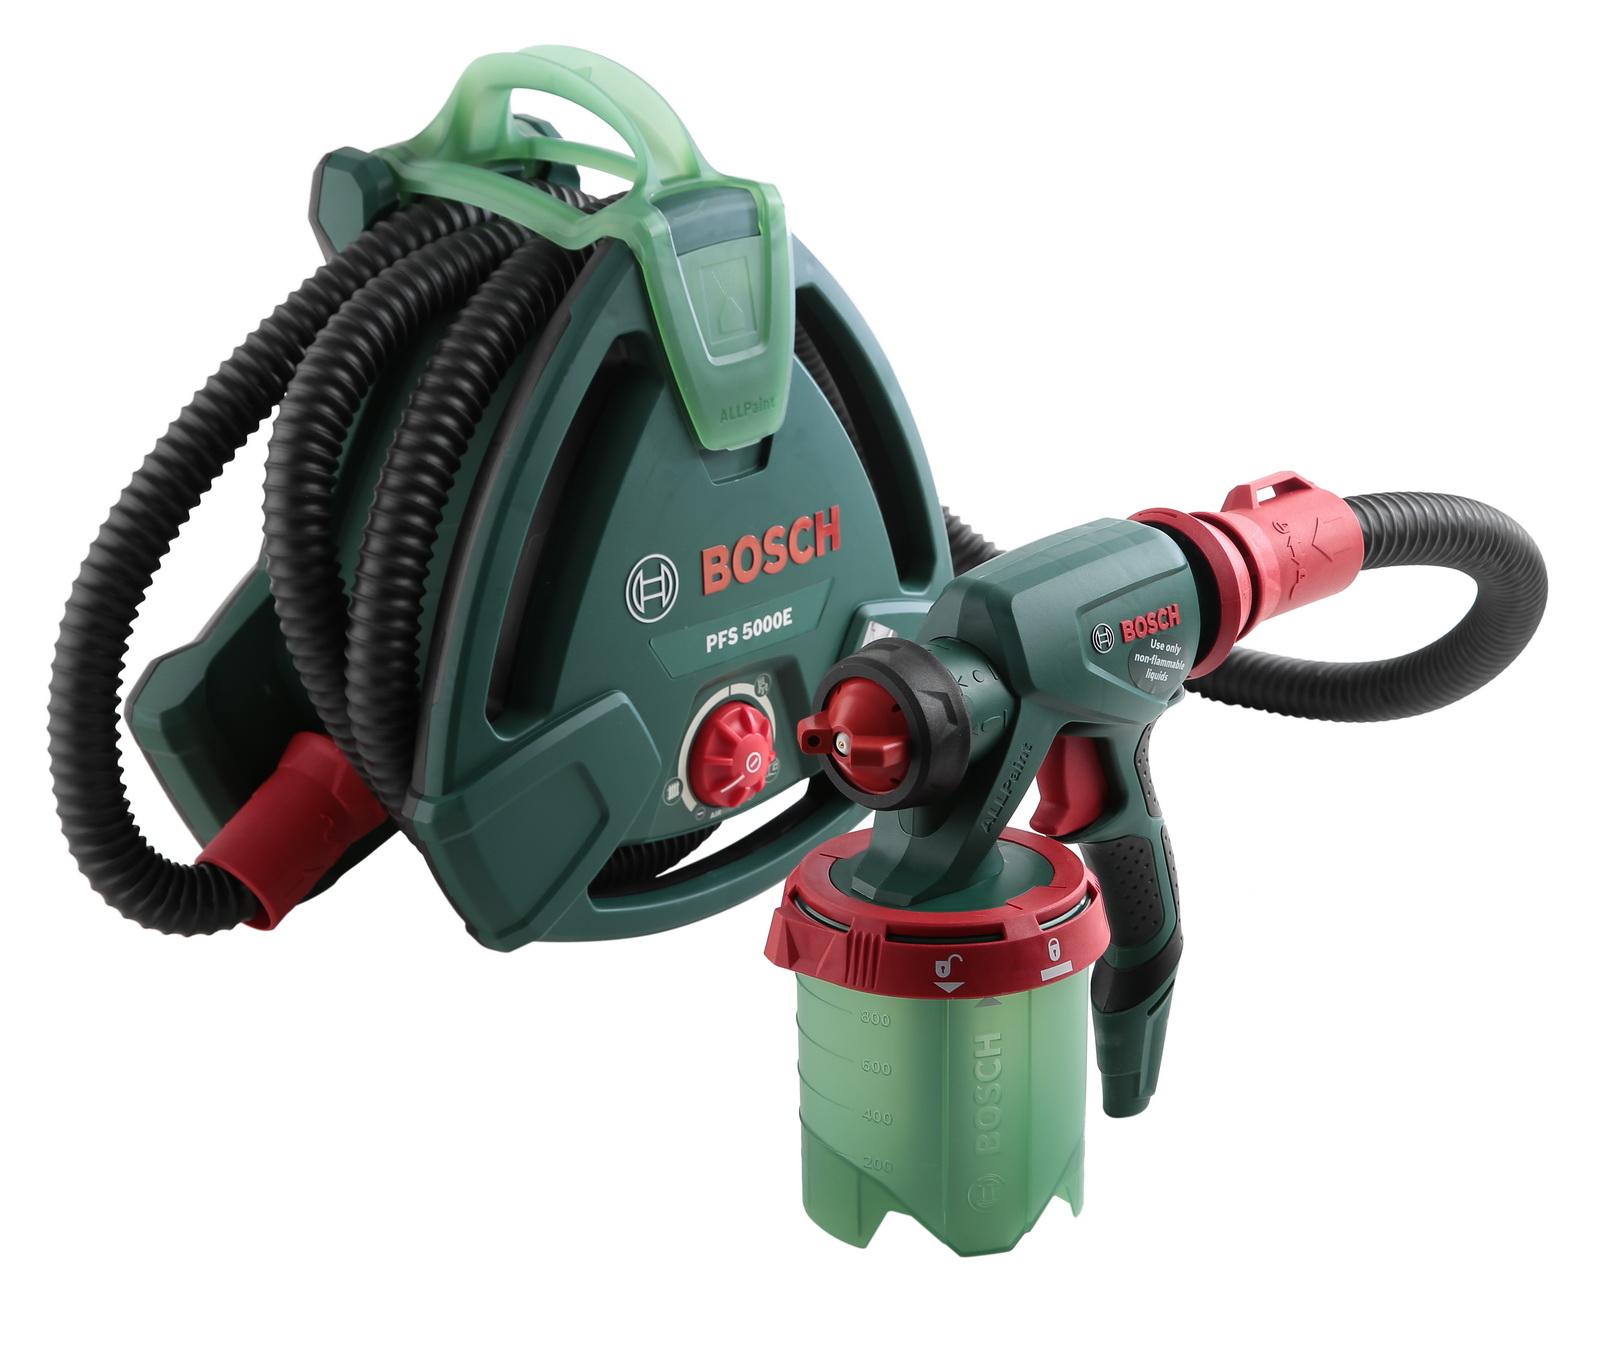 Краскопульт с выносным компрессором Bosch Pfs 5000 e